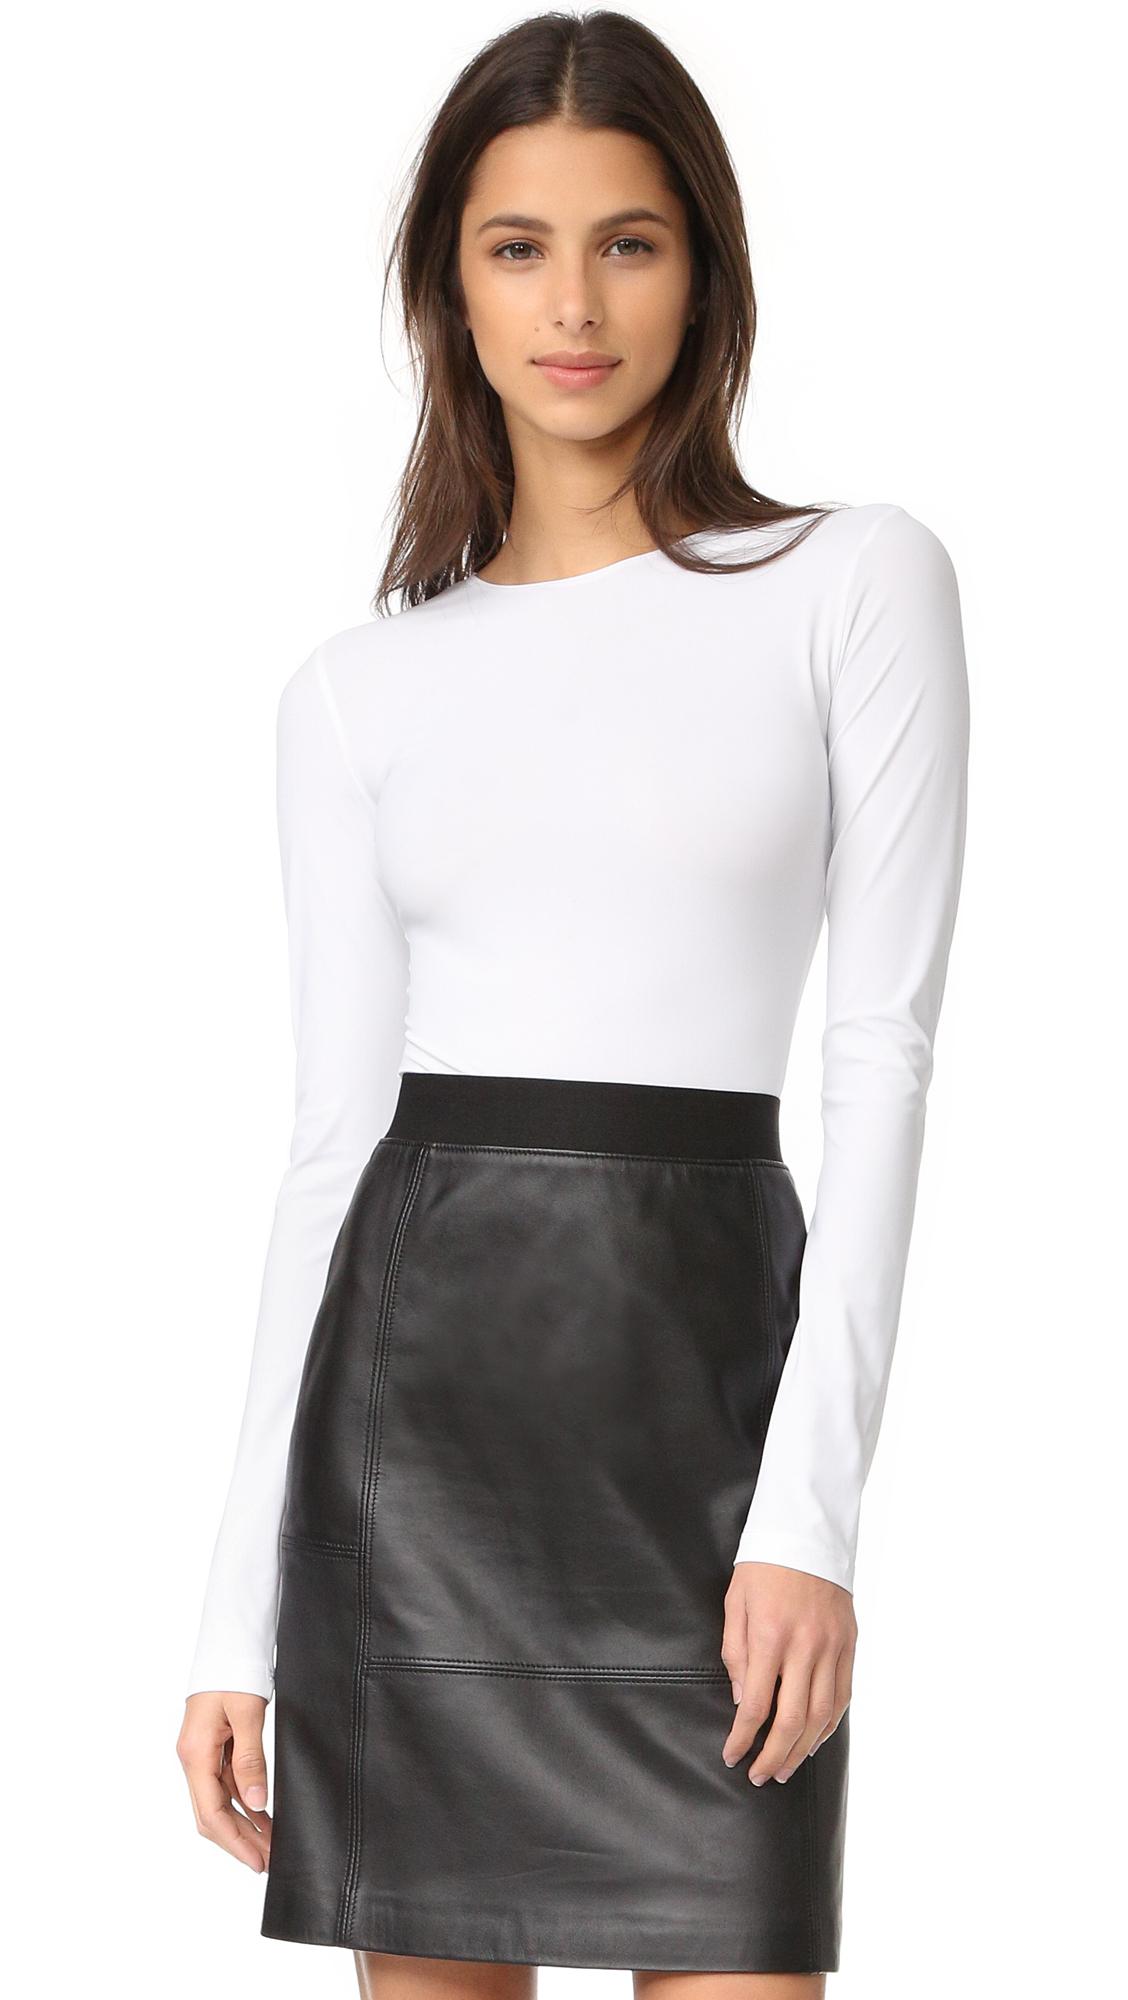 Alix Leroy Skin Thong Bodysuit - White at Shopbop